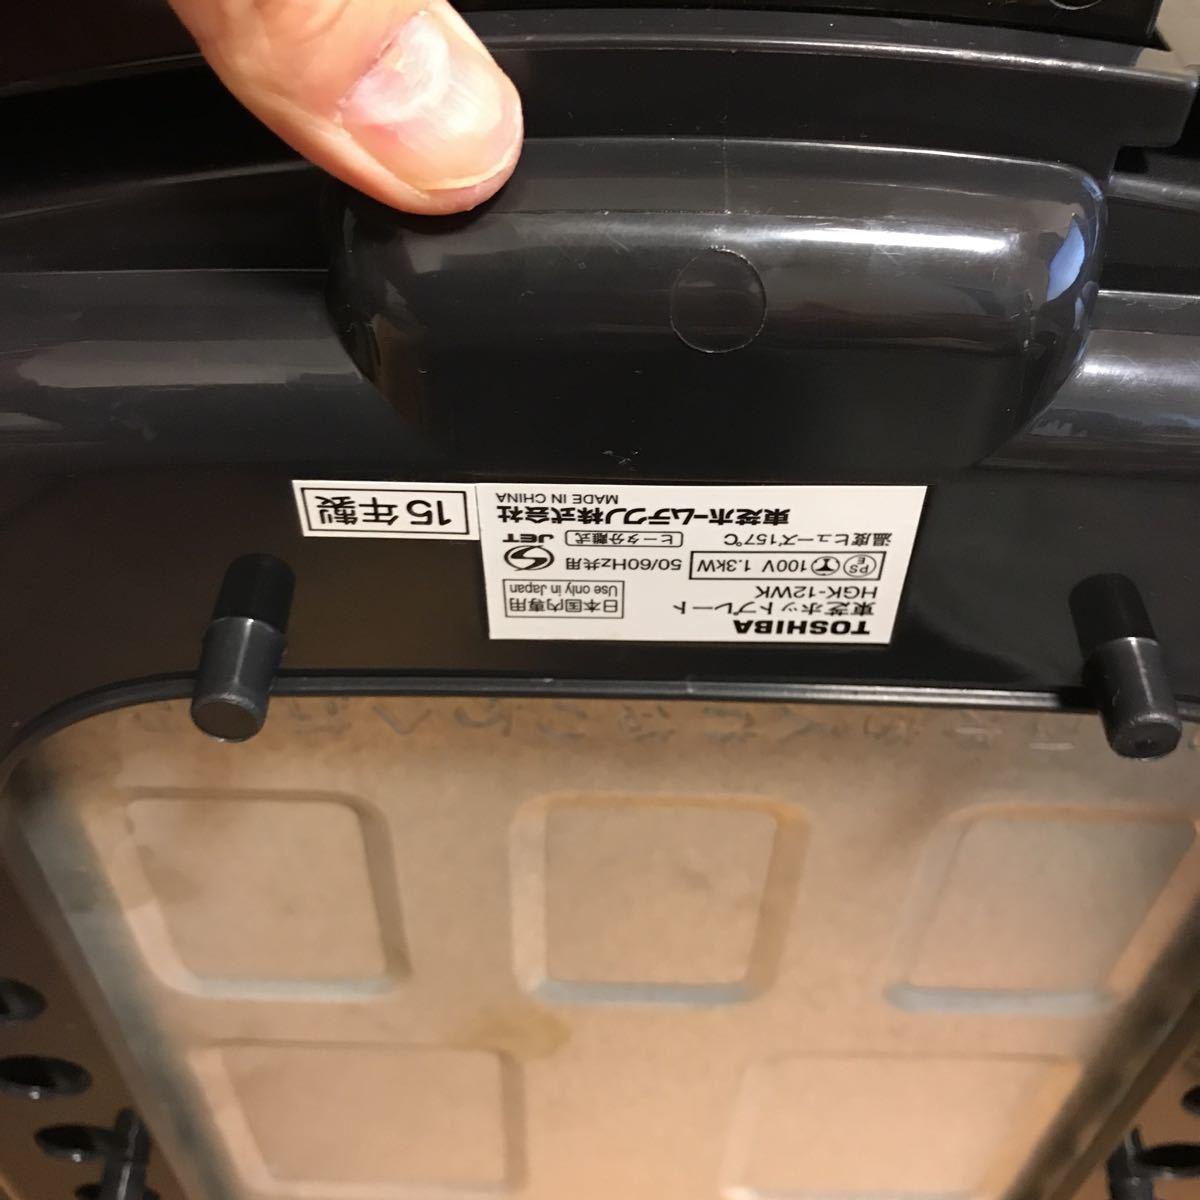 たこ焼き 焼肉プレート お好み焼き ホットプレート 東芝TOSHIBA HGK-12WK 動作確認済